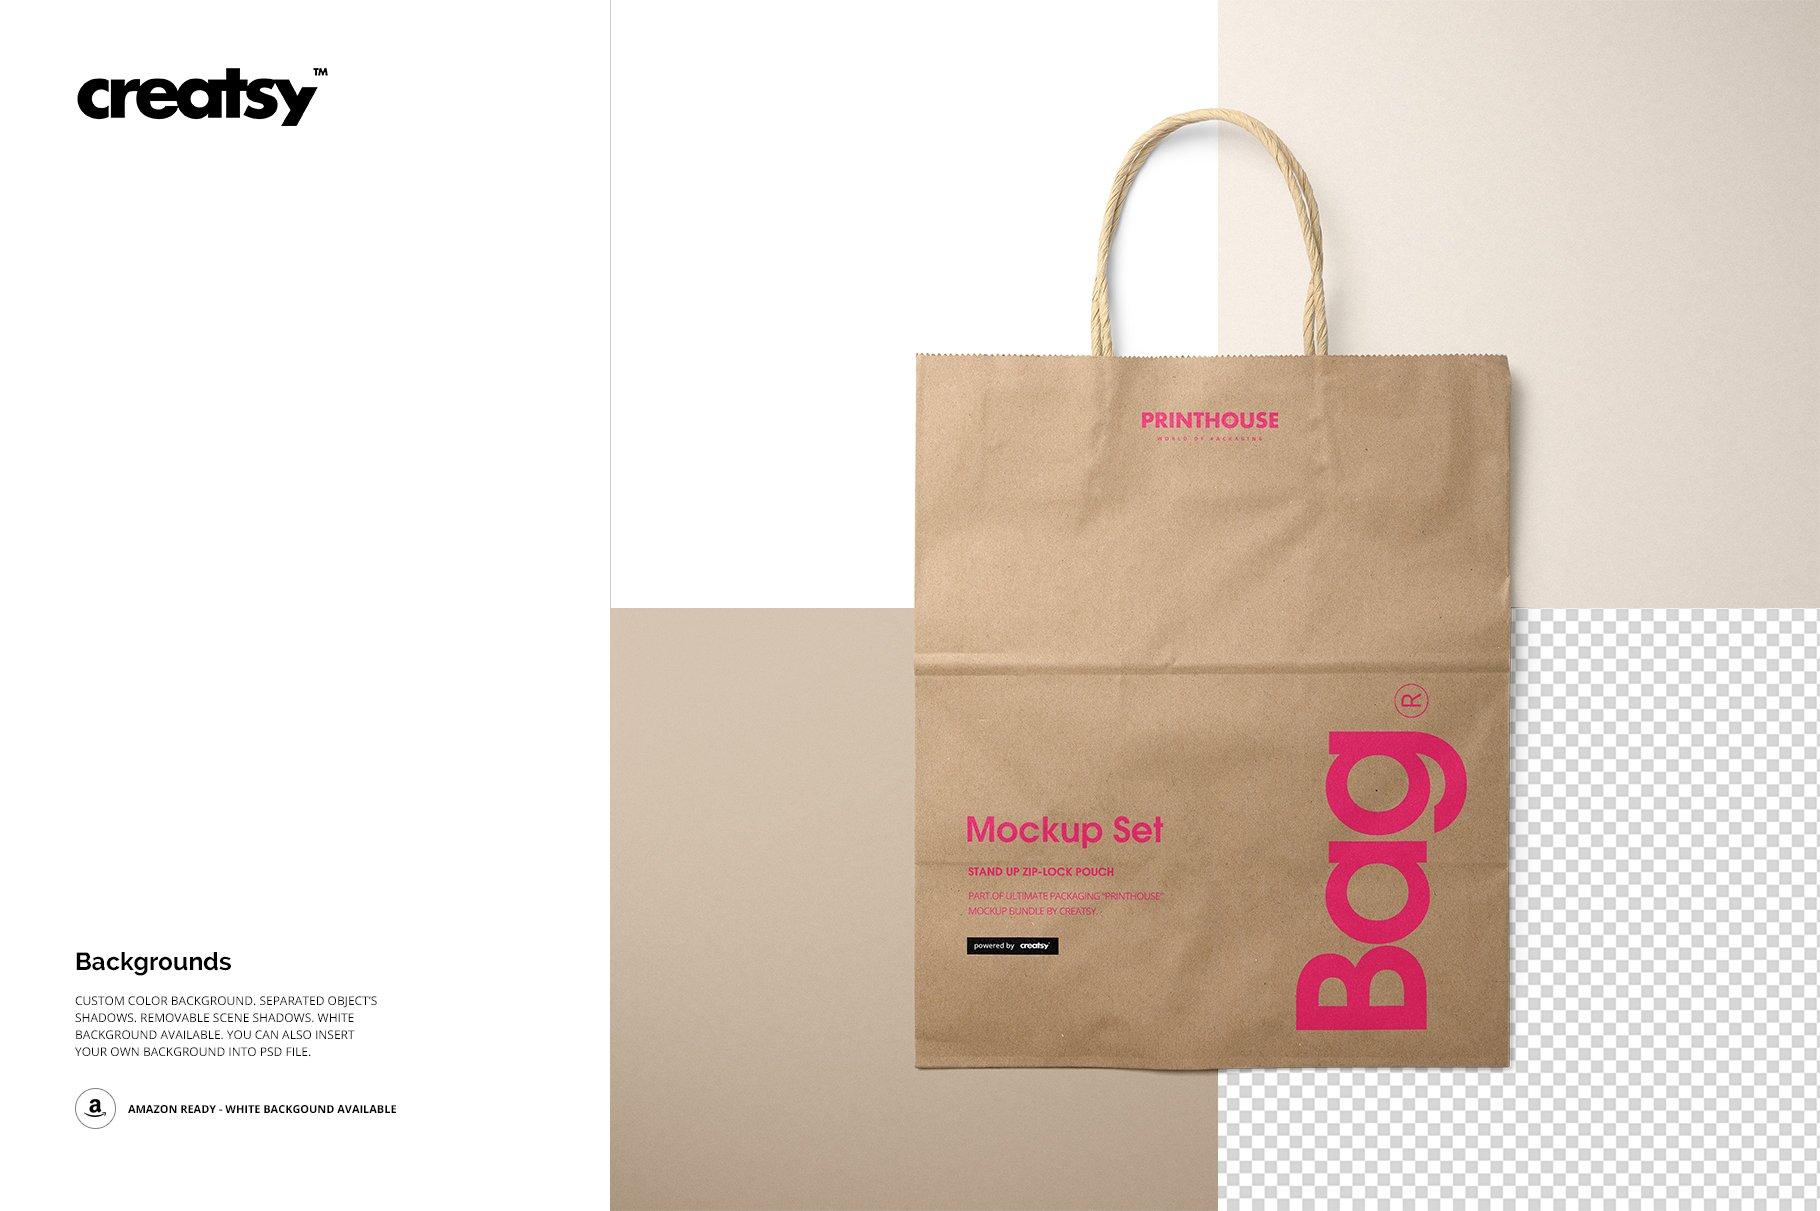 [淘宝购买] 时尚牛皮纸购物手提纸袋设计贴图样机模板 Natural Kraft Shopping Bag Mockup 2插图(9)